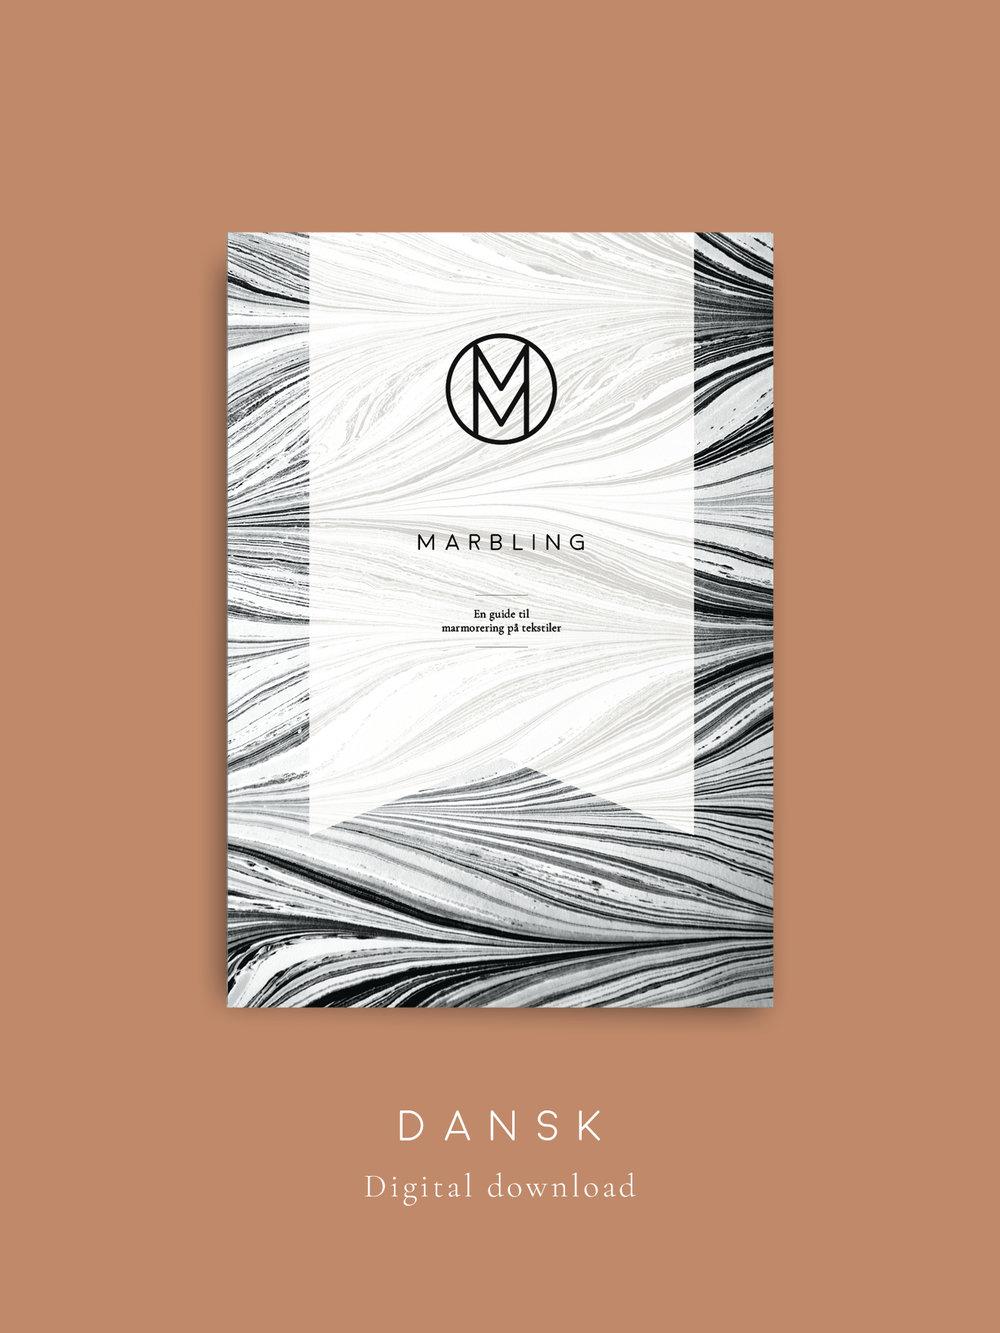 Manual_Ebru_Tekstiler_Dansk.jpg